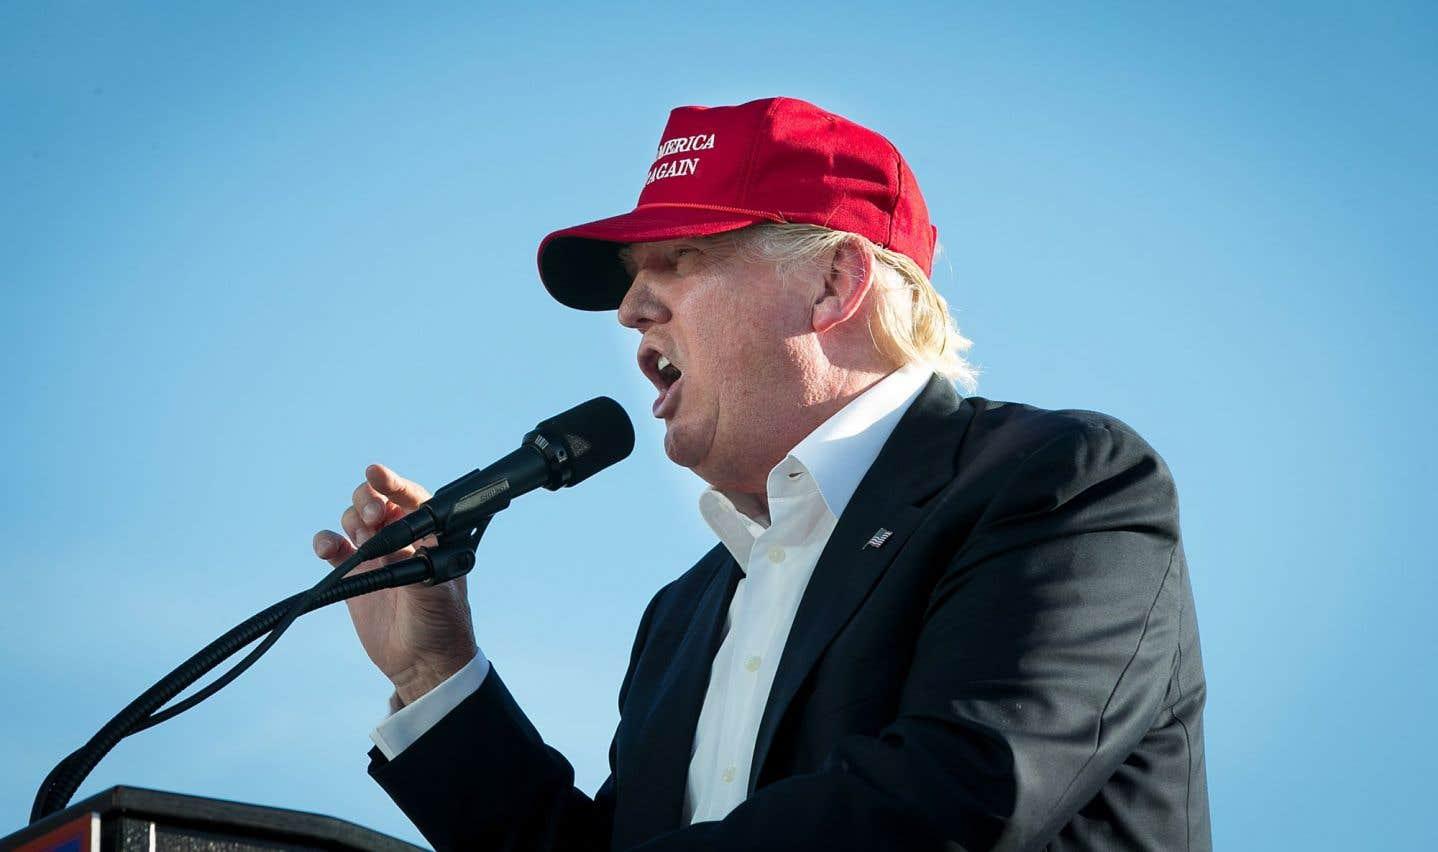 Sans expérience politique, Donald Trump n'aurait pas entrepris l'aventure si des sondages n'avaient confirmé qu'au moins le tiers des Américains ne faisaient plus confiance au gouvernement.